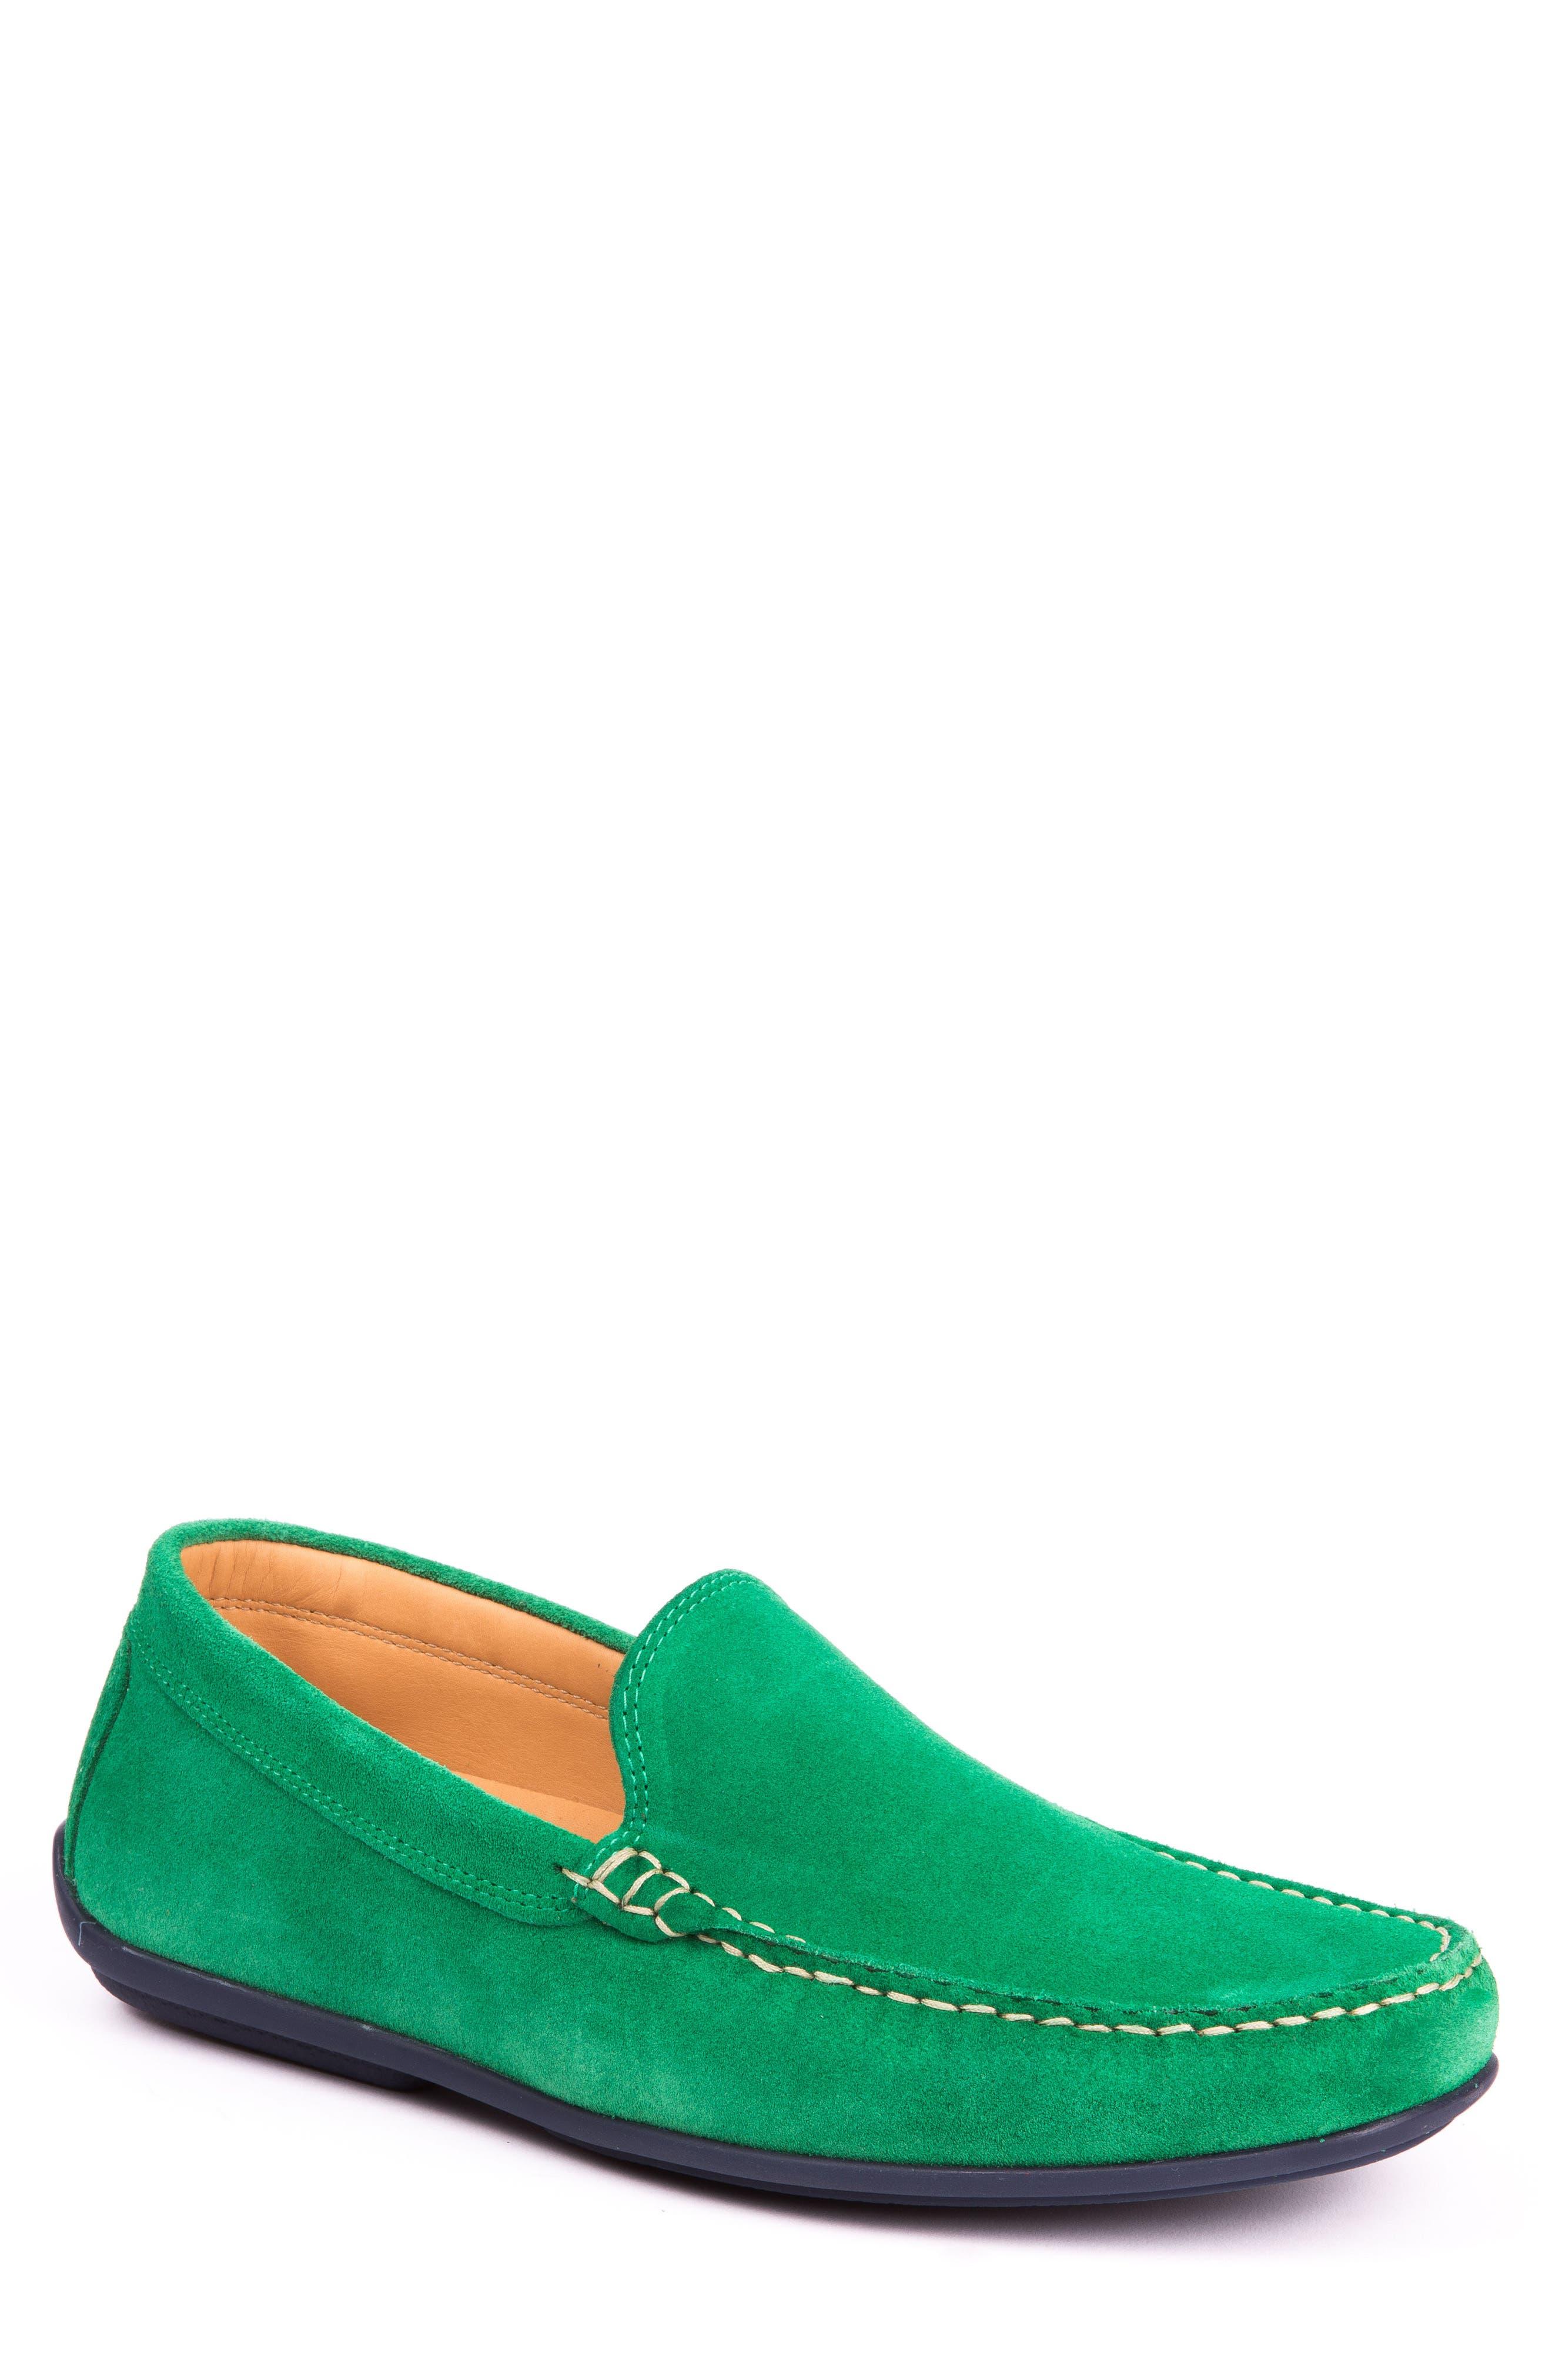 Fairways Driving Shoe,                         Main,                         color,